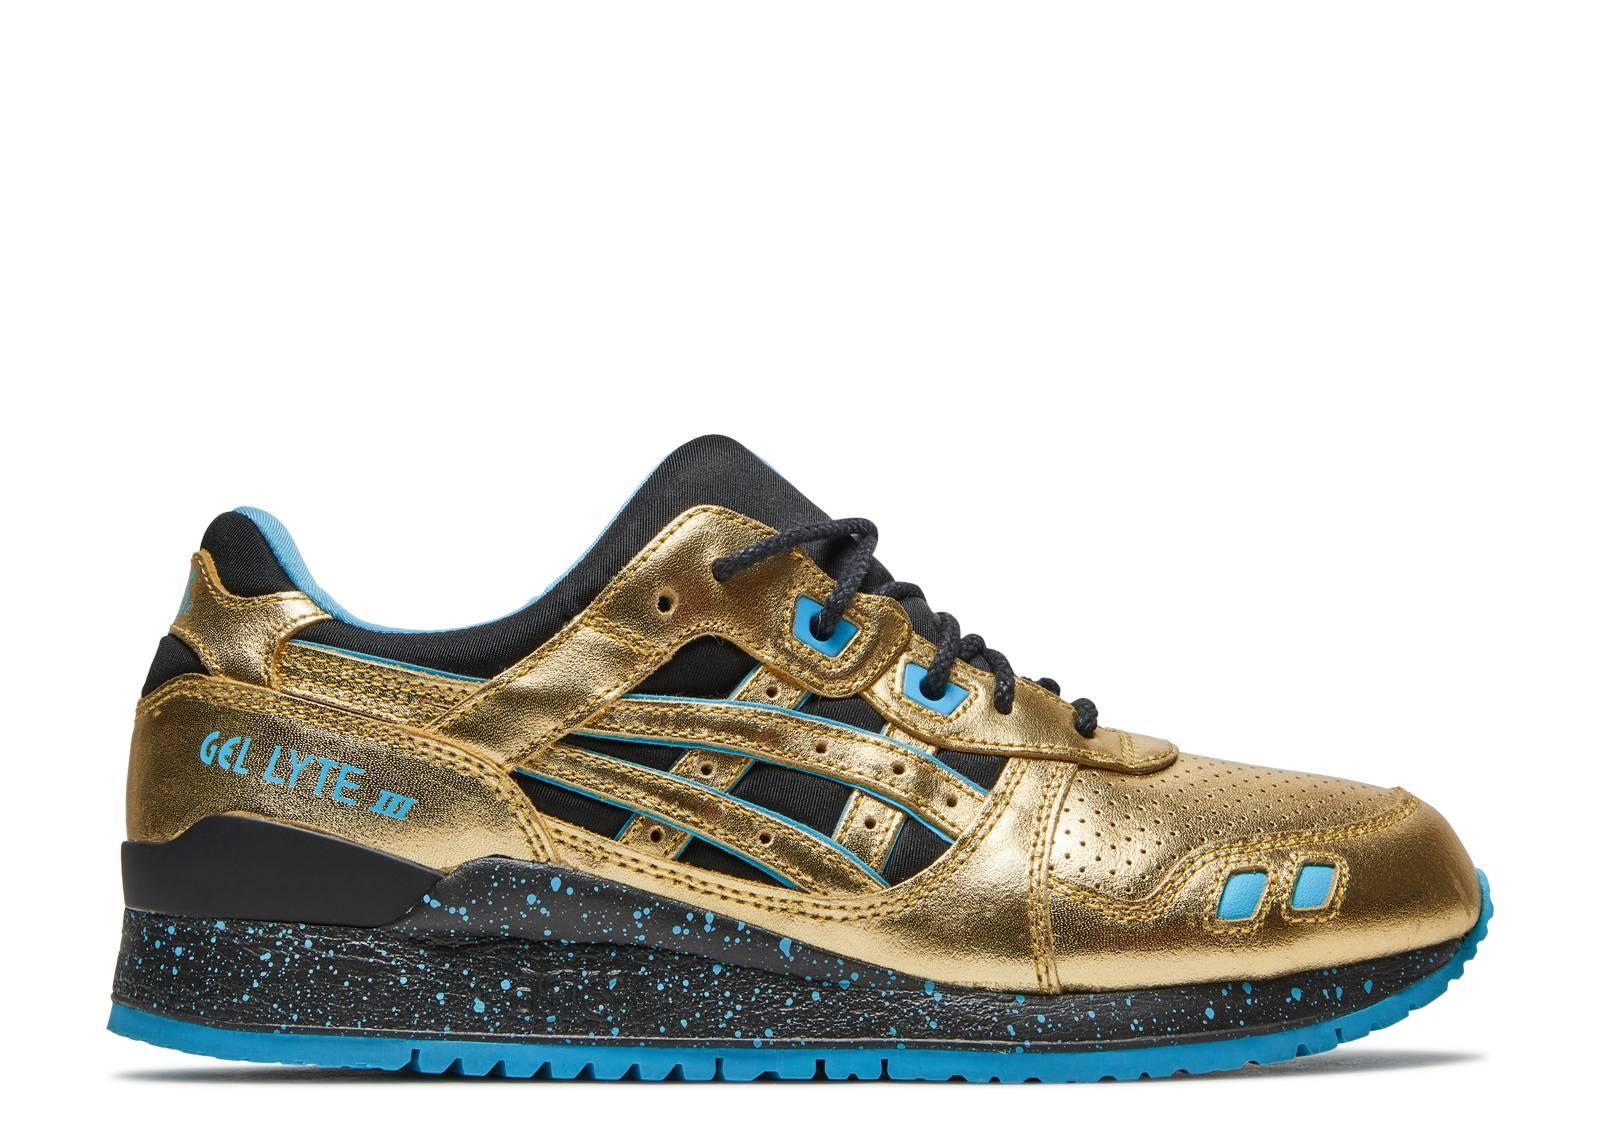 Acheter Acheter asics> des chaussures à asics> Jusqu à 48% de remise 41a1e71 - caillouoyunlari.info